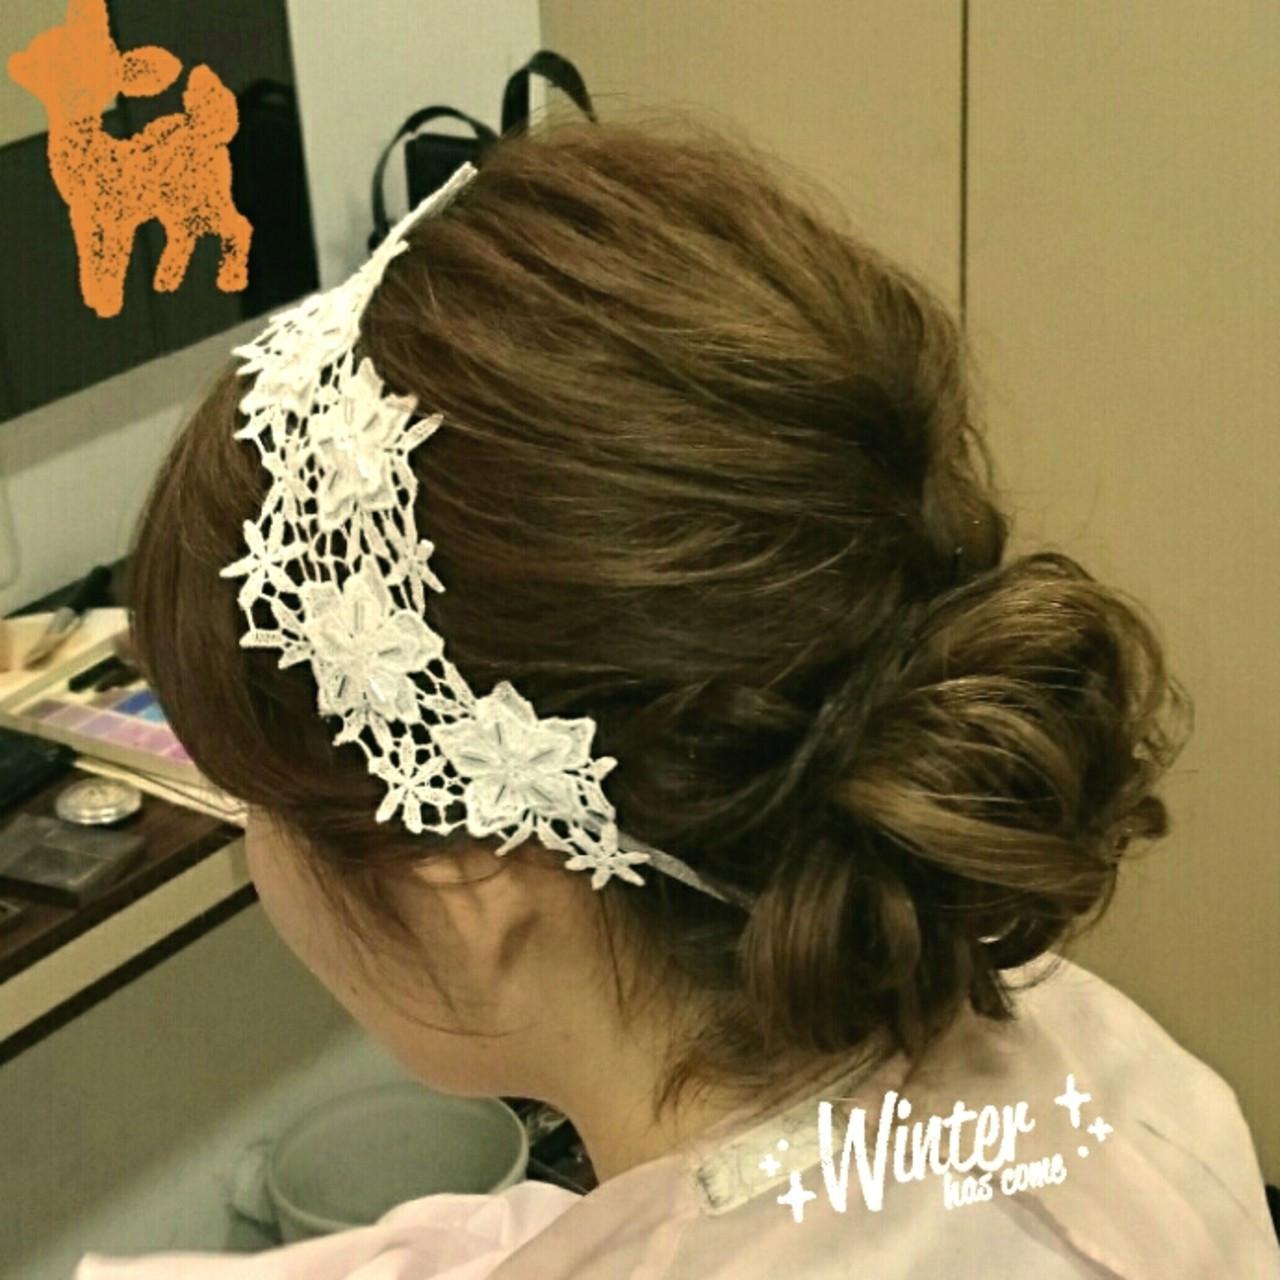 ブライダル ショート ヘアアレンジ 結婚式 ヘアスタイルや髪型の写真・画像